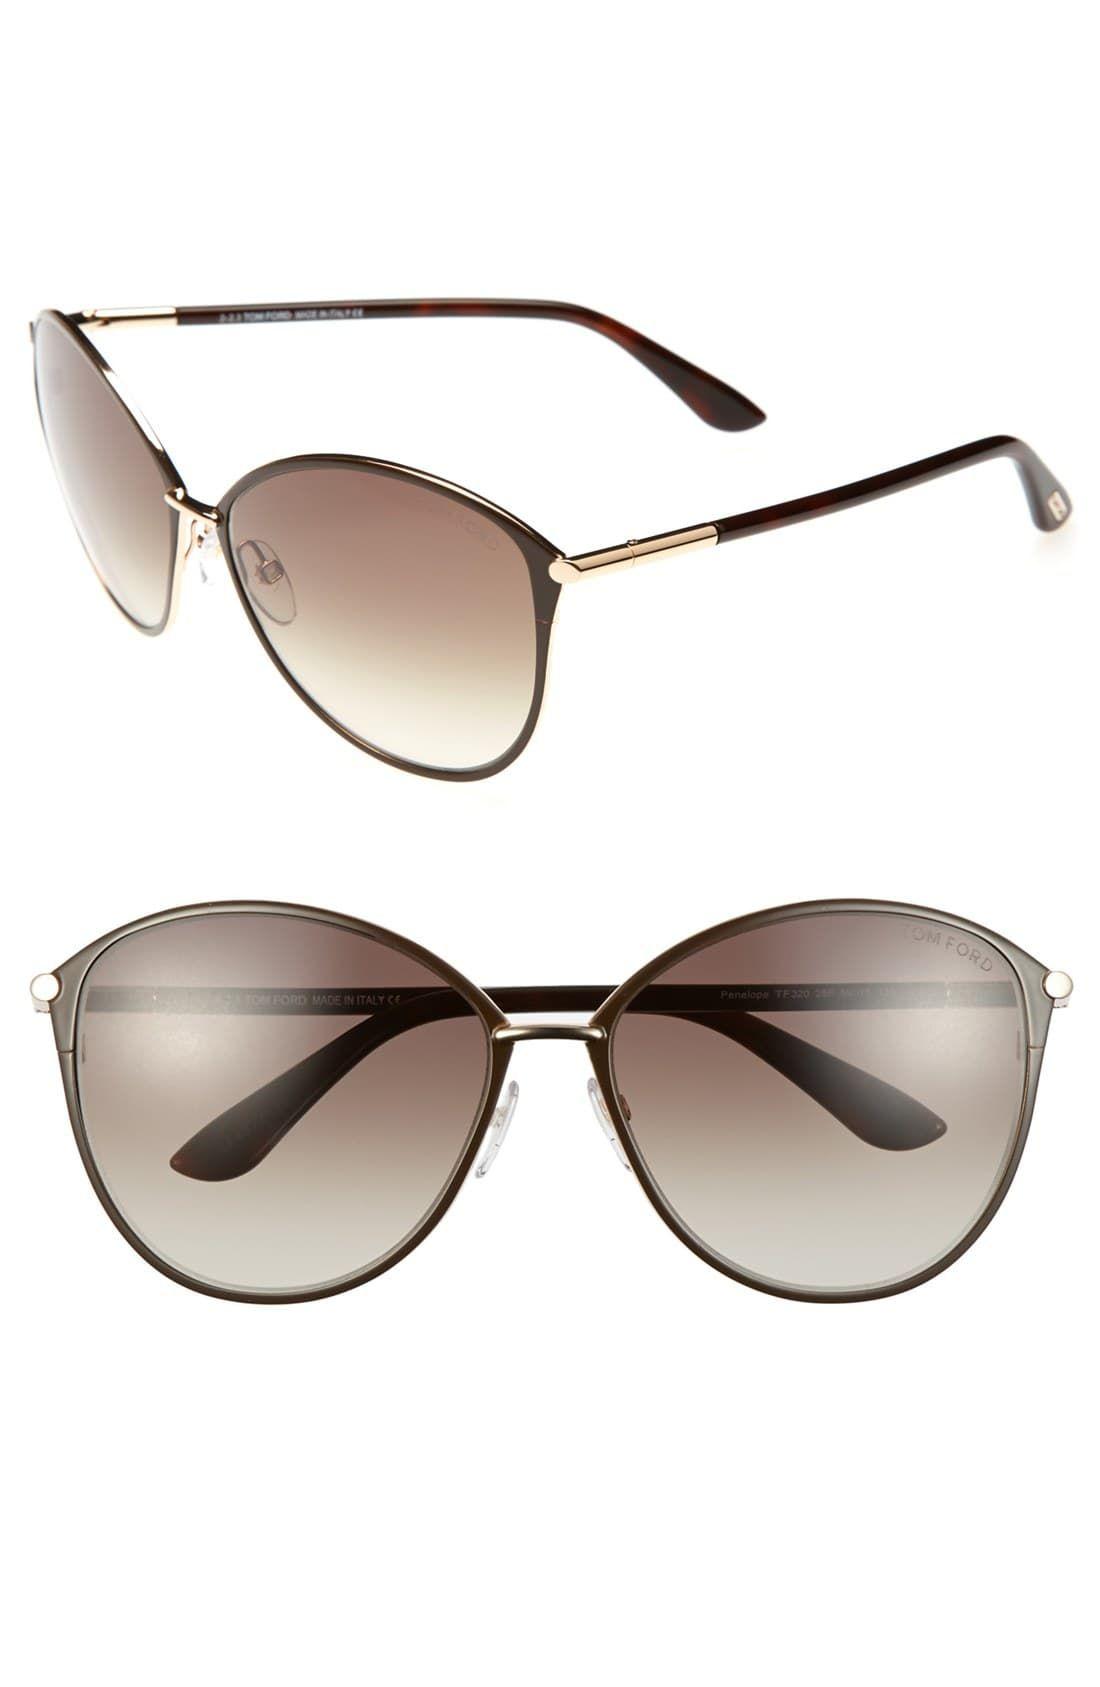 Tom Ford Penelope 59mm Gradient Cat Eye Sunglasses Cat Eye Sonnenbrille Tom Ford Sonnenbrille Modische Sonnenbrillen